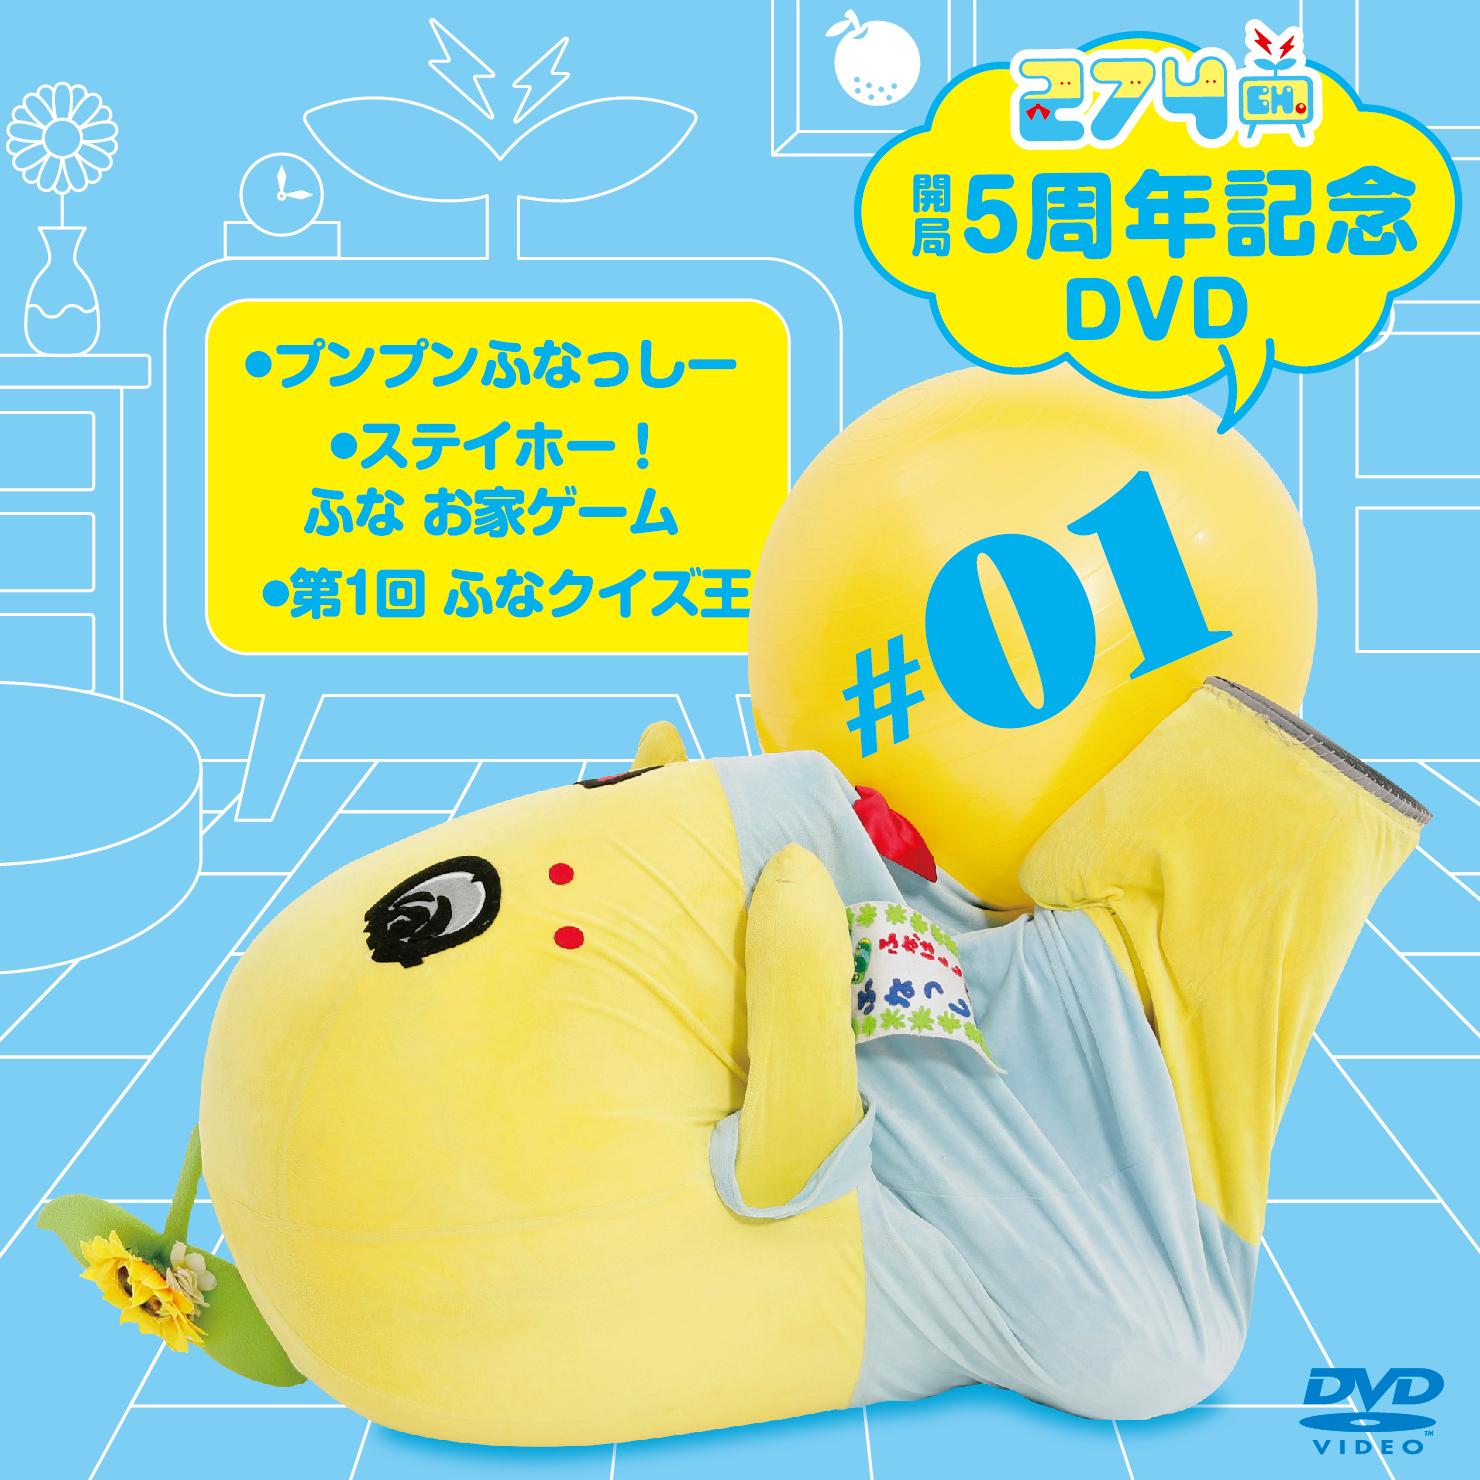 274ch.開局5周年記念DVD 総集編Vol.1